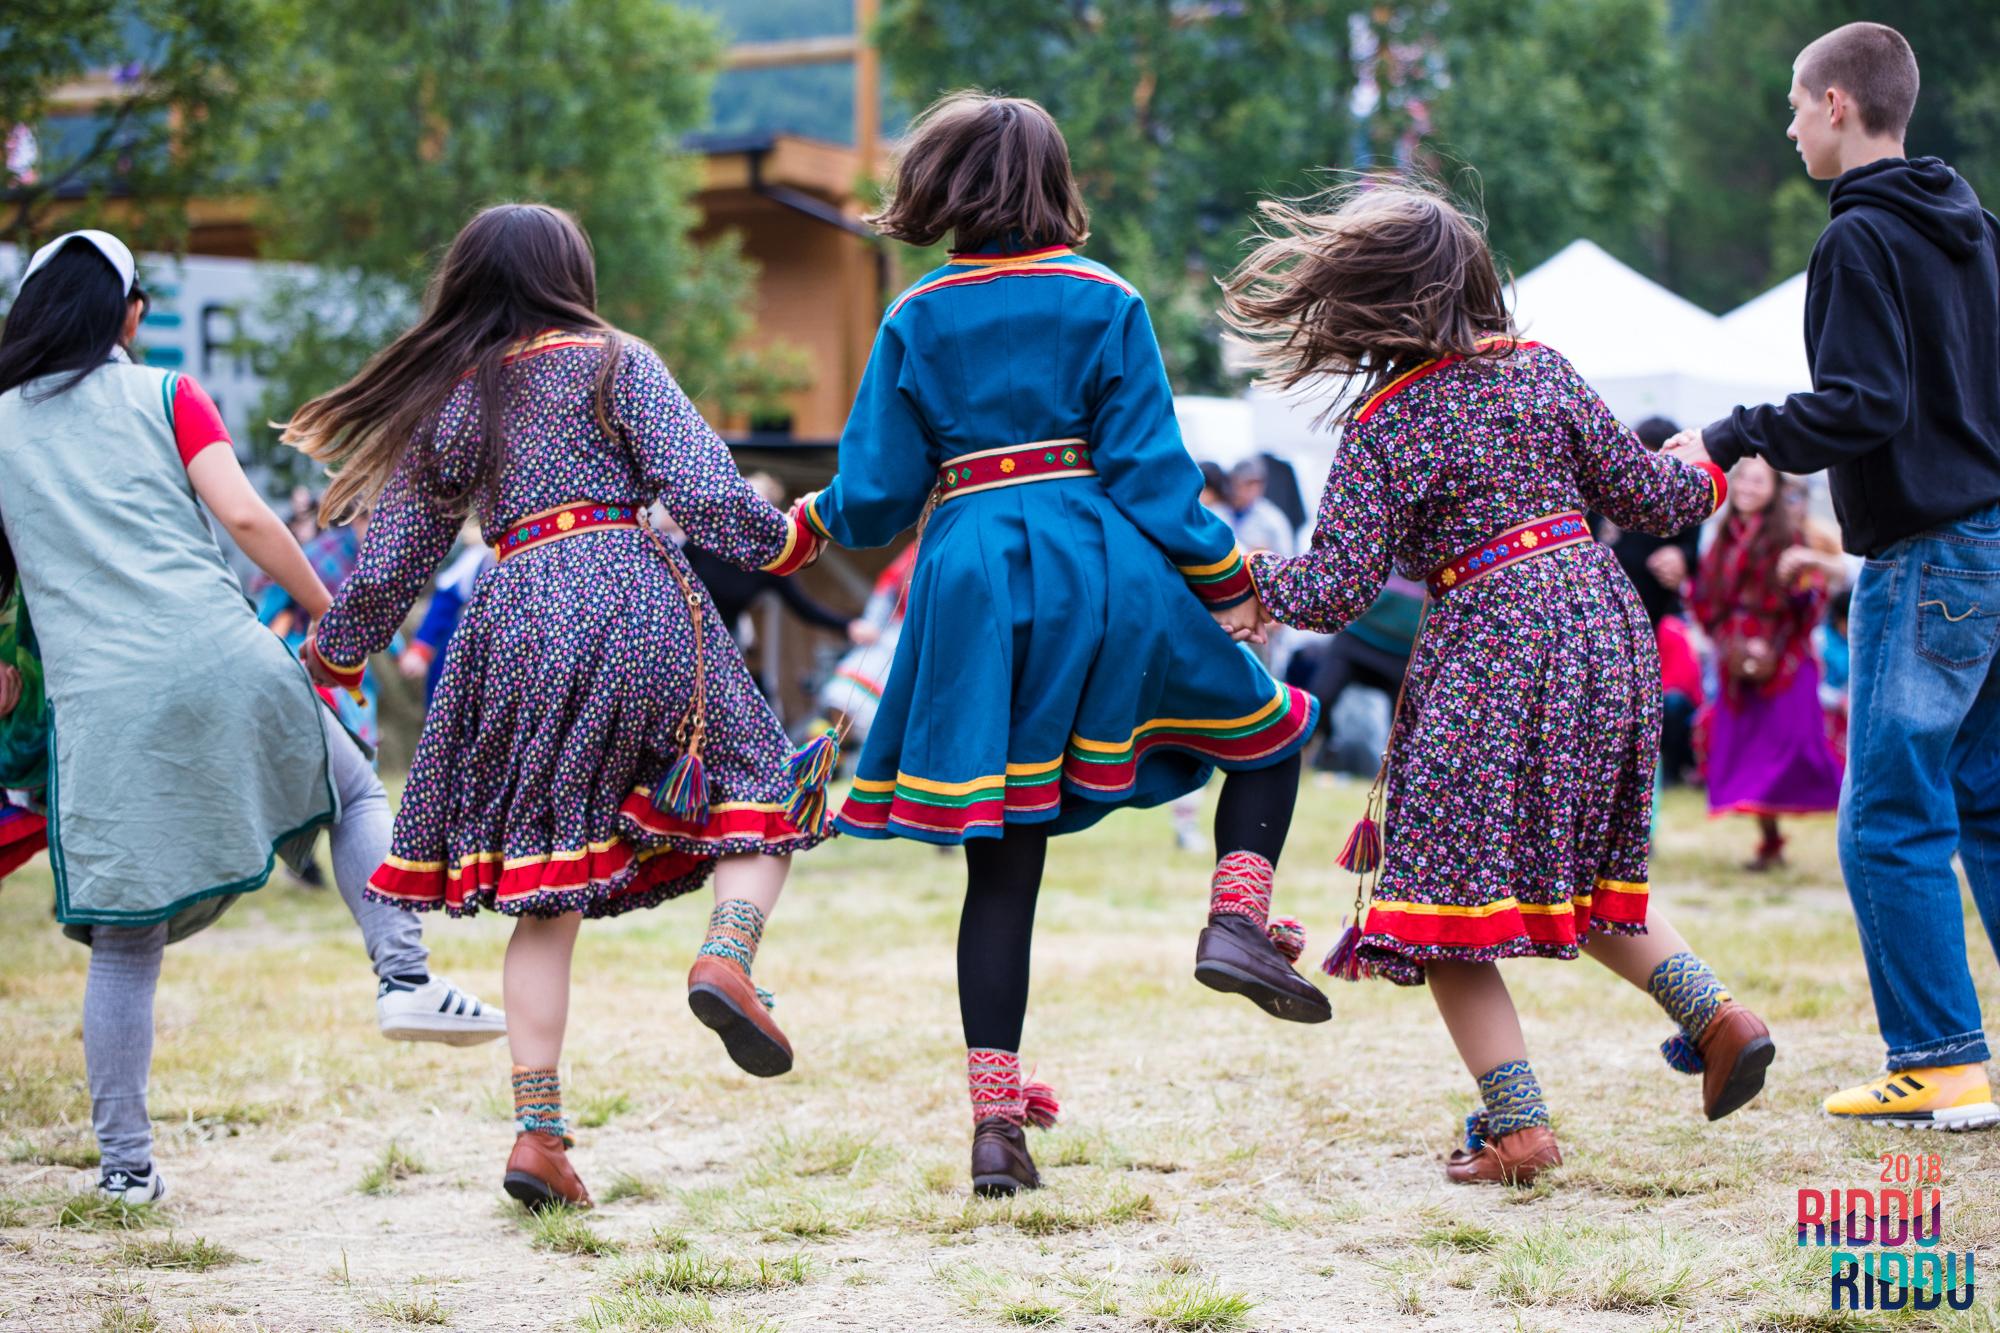 Kolme nuorta naista perinteinen saamenpuku yllään tanssii Riddu Riđđu -festivaaleilla vuonna 2018